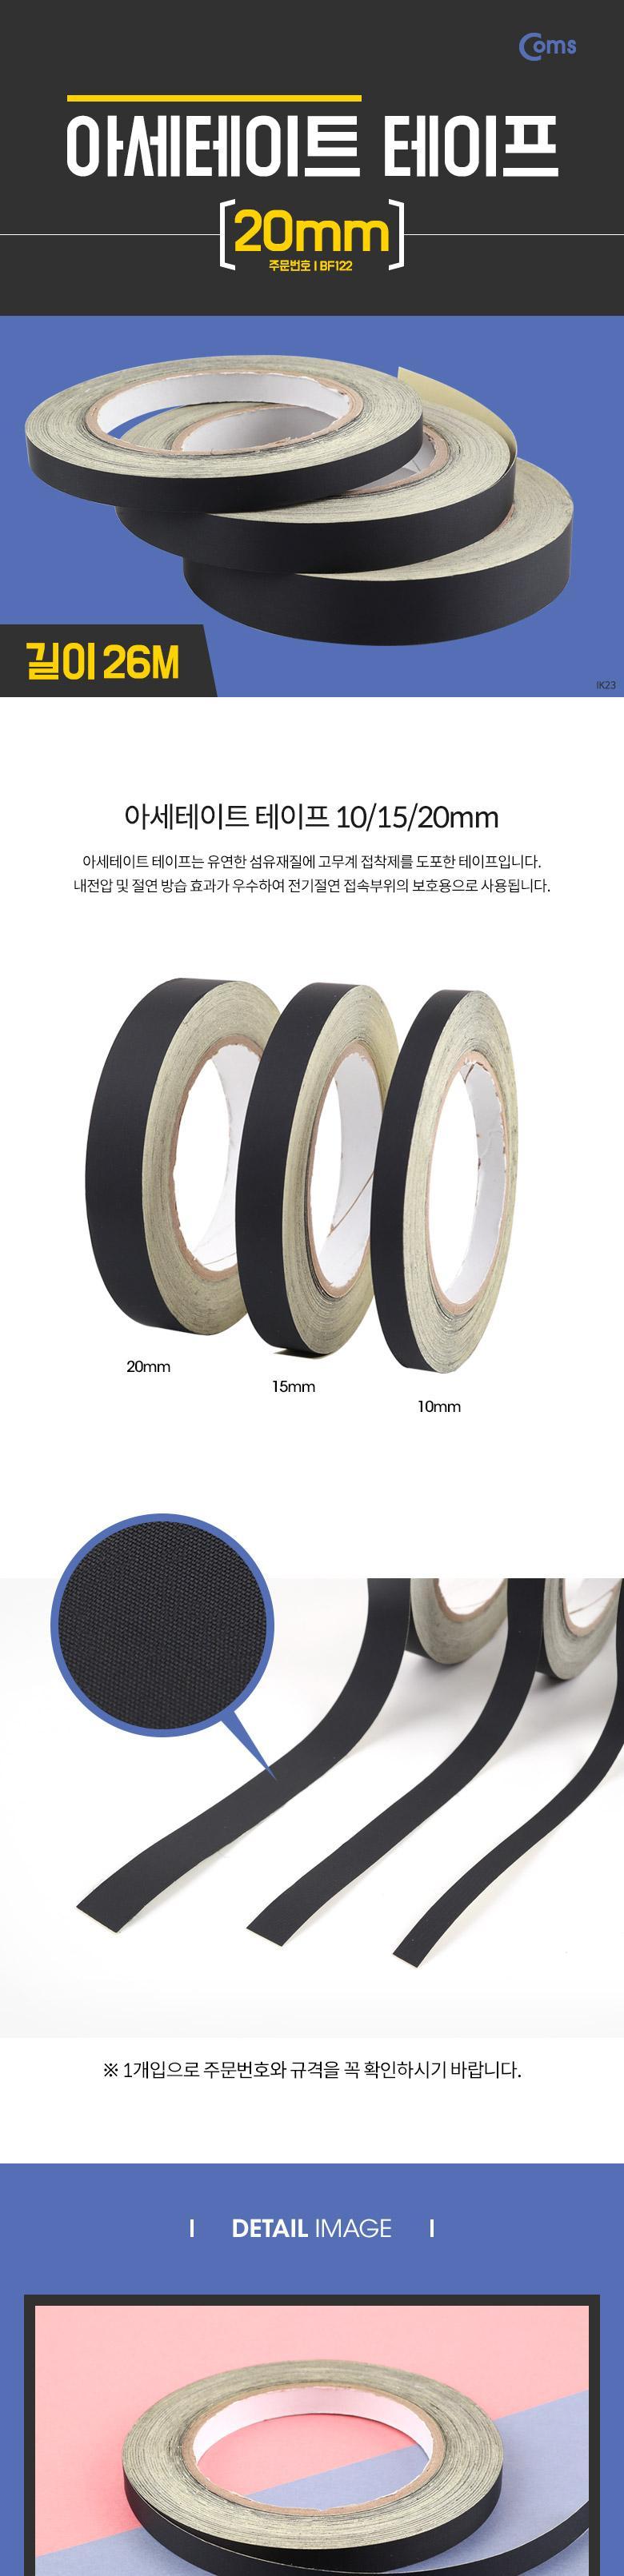 Coms 아세테이트 테이프 20mm X 26M 접착 테이프(섬유 접착테이프 테이프접착 접착용테이프 접착제테이프 강력접착테이프